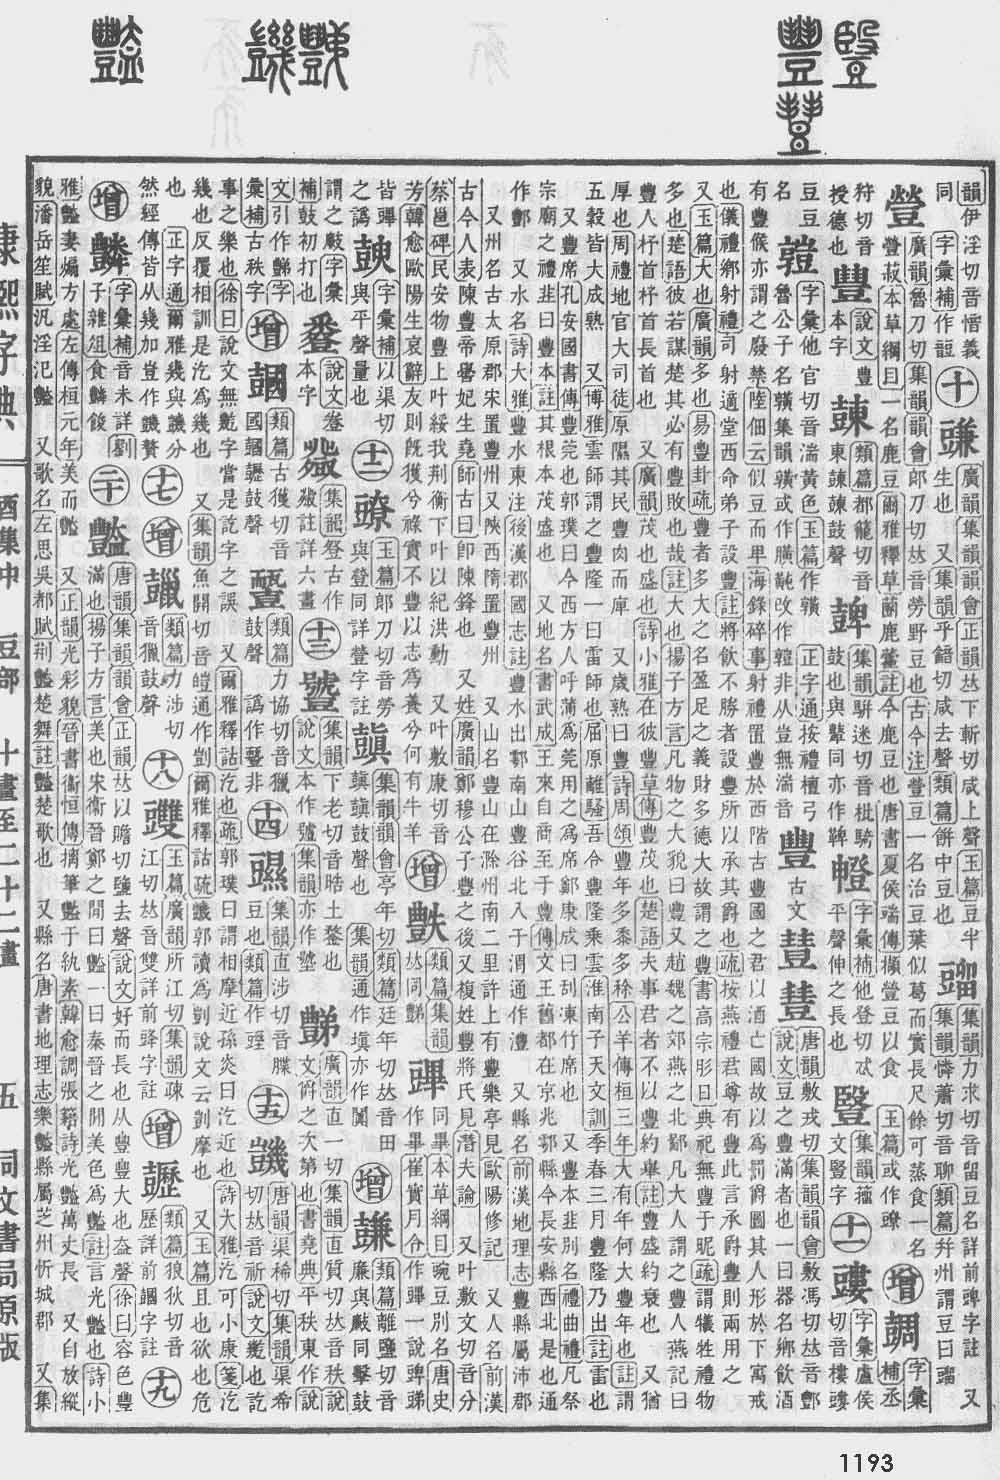 《康熙字典》第1193页